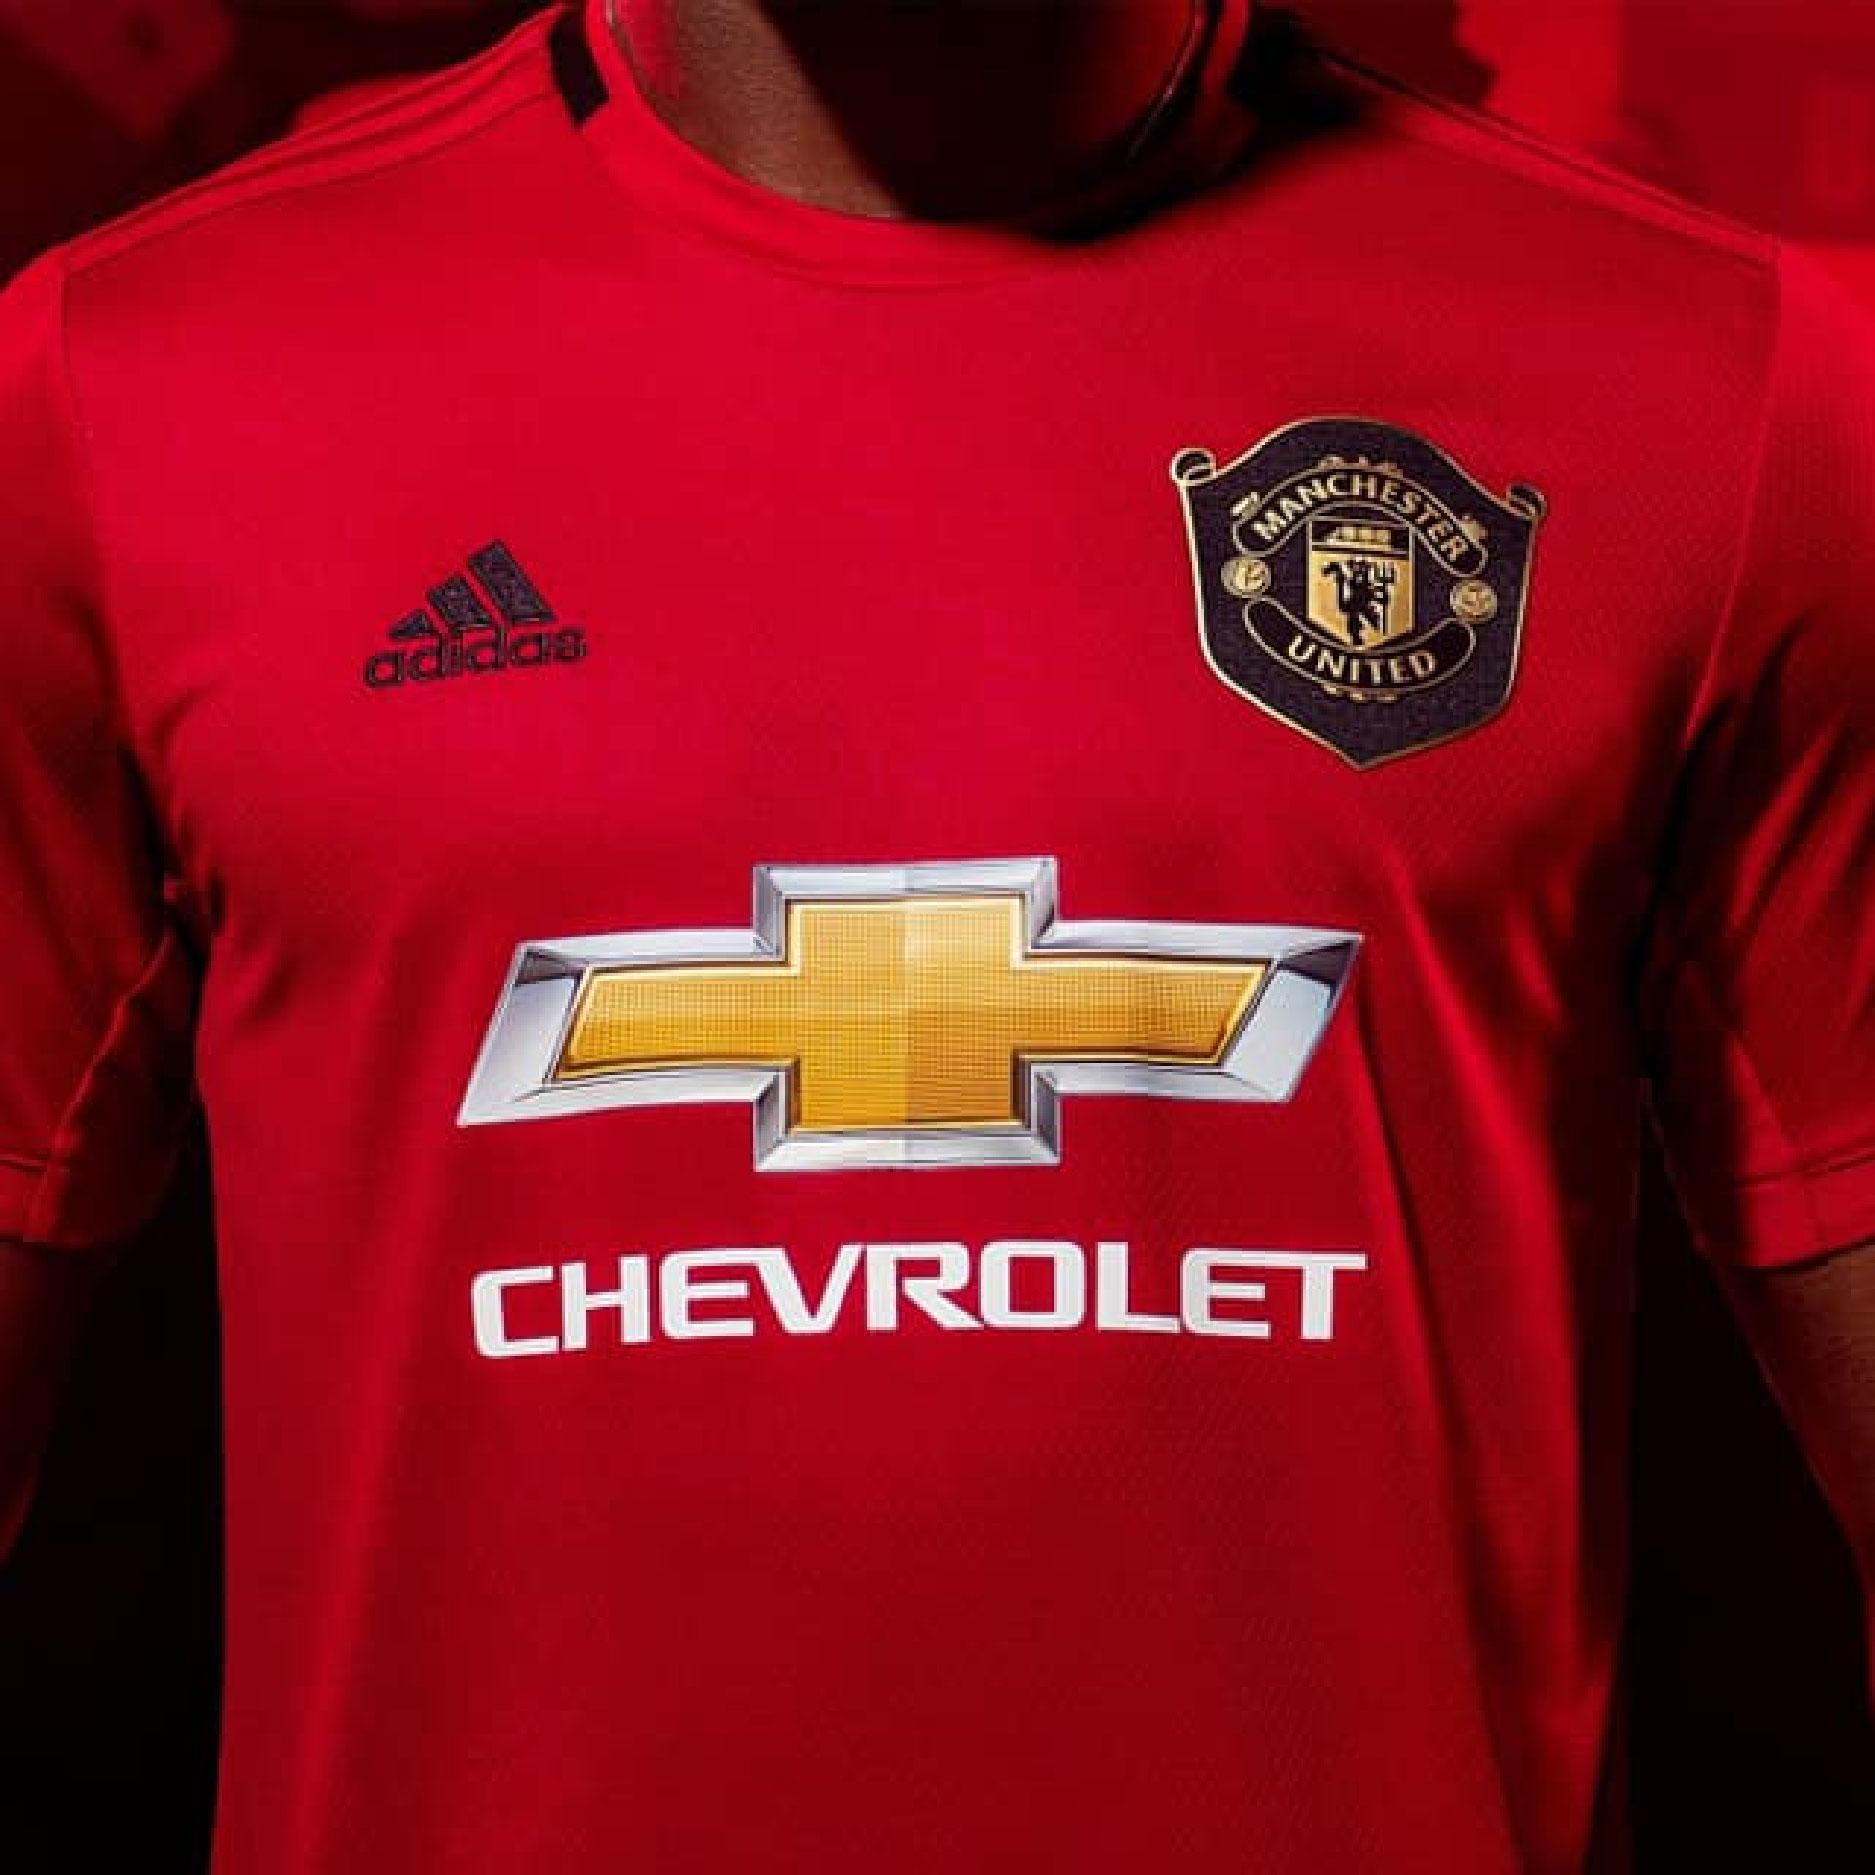 Adidas giới thiệu mẫu áo sân nhà Manchester United mùa giải